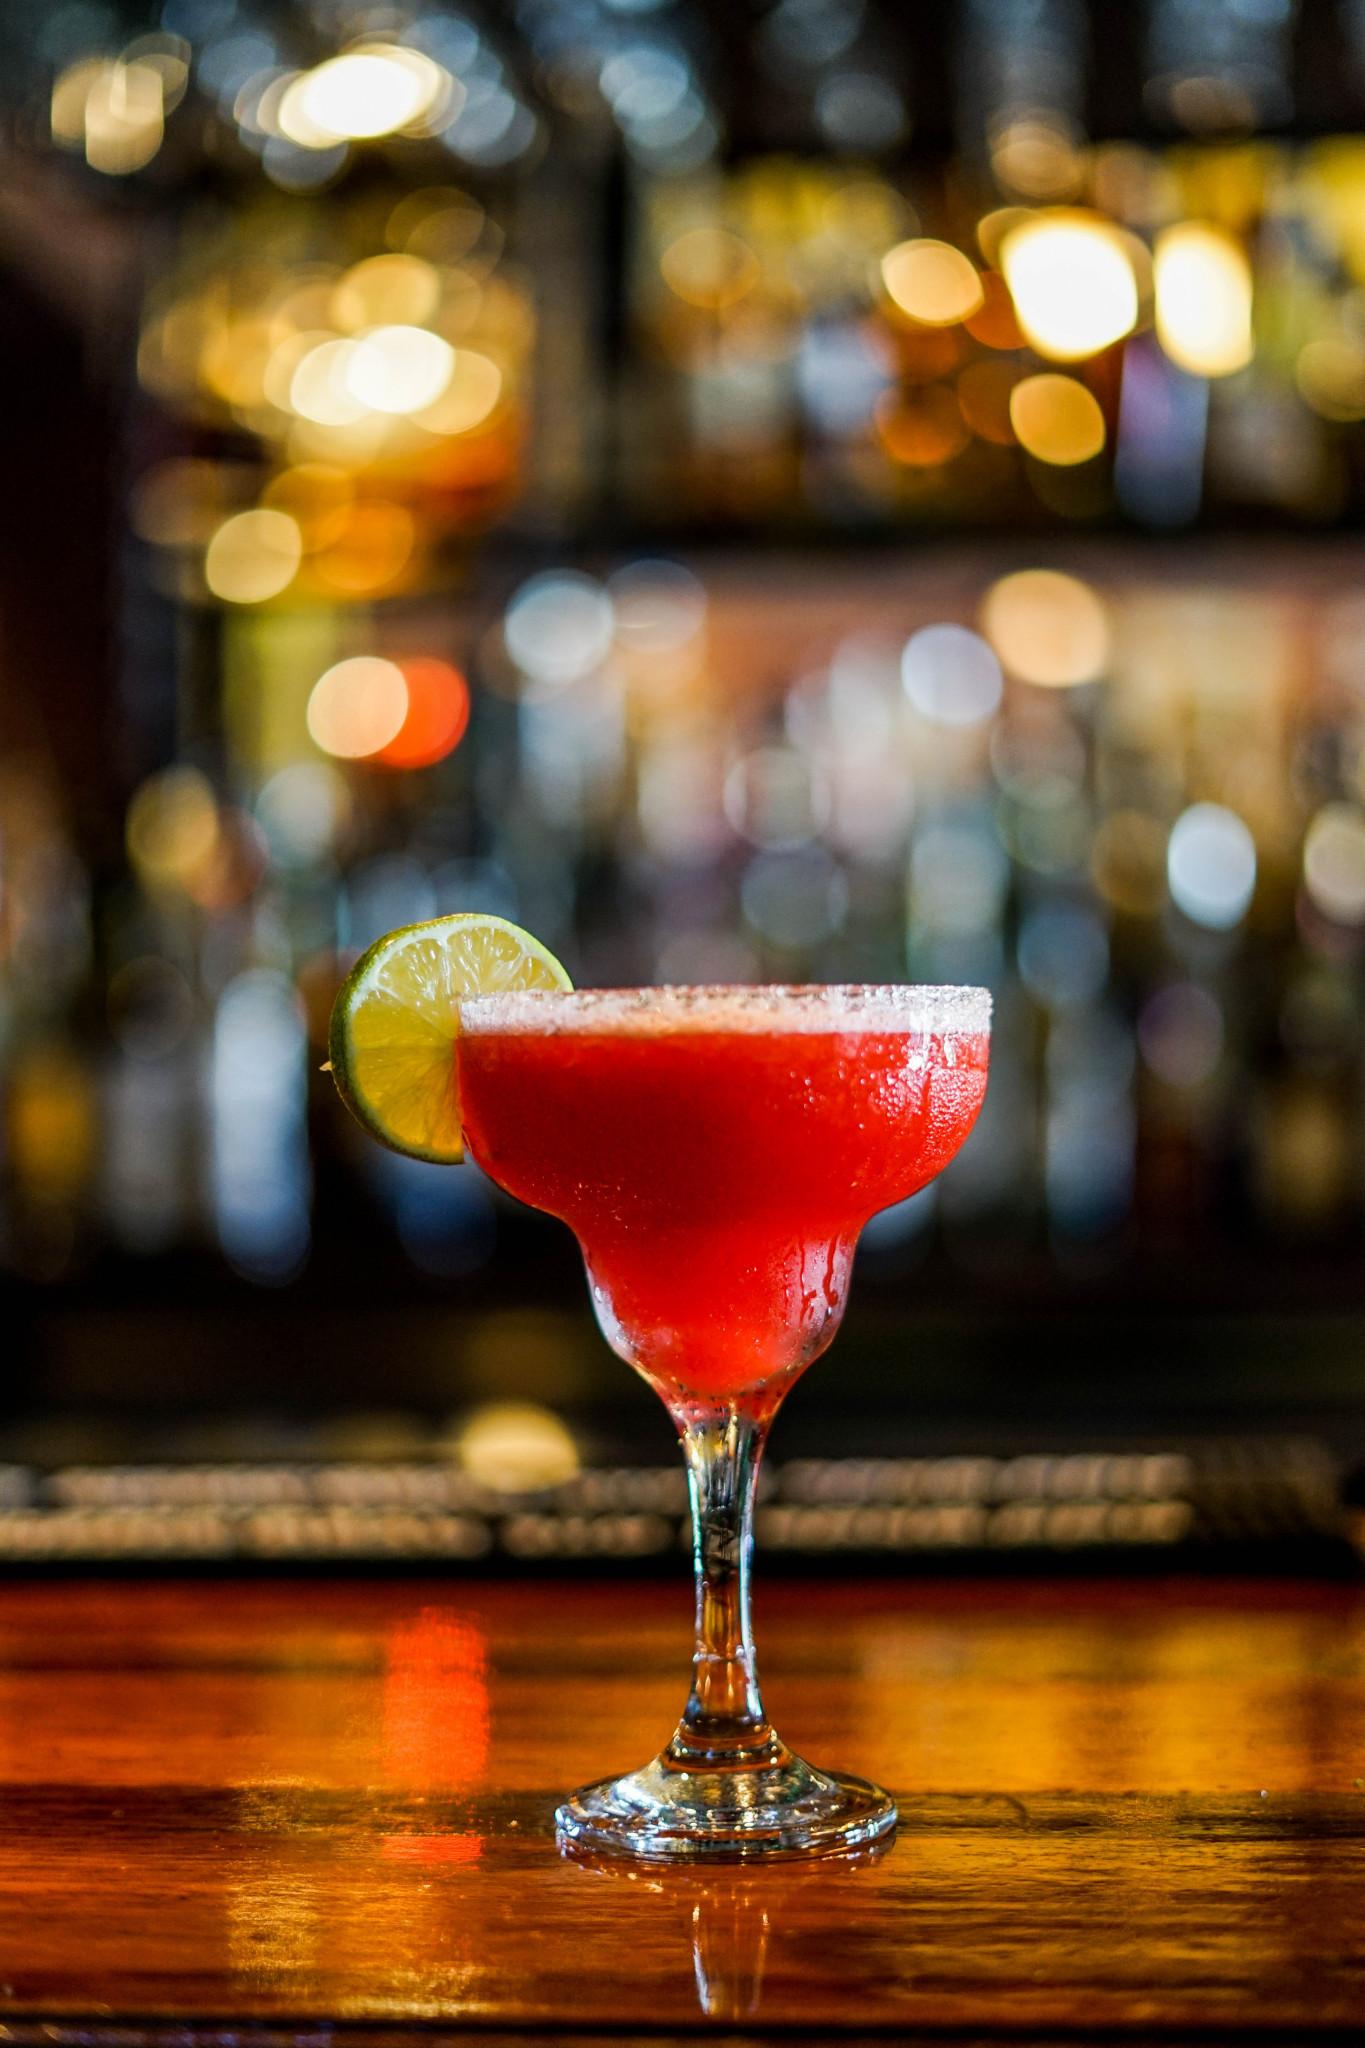 Saint-Valentin : 10 recettes de cocktails faciles pour une soirée en amoureux - 10